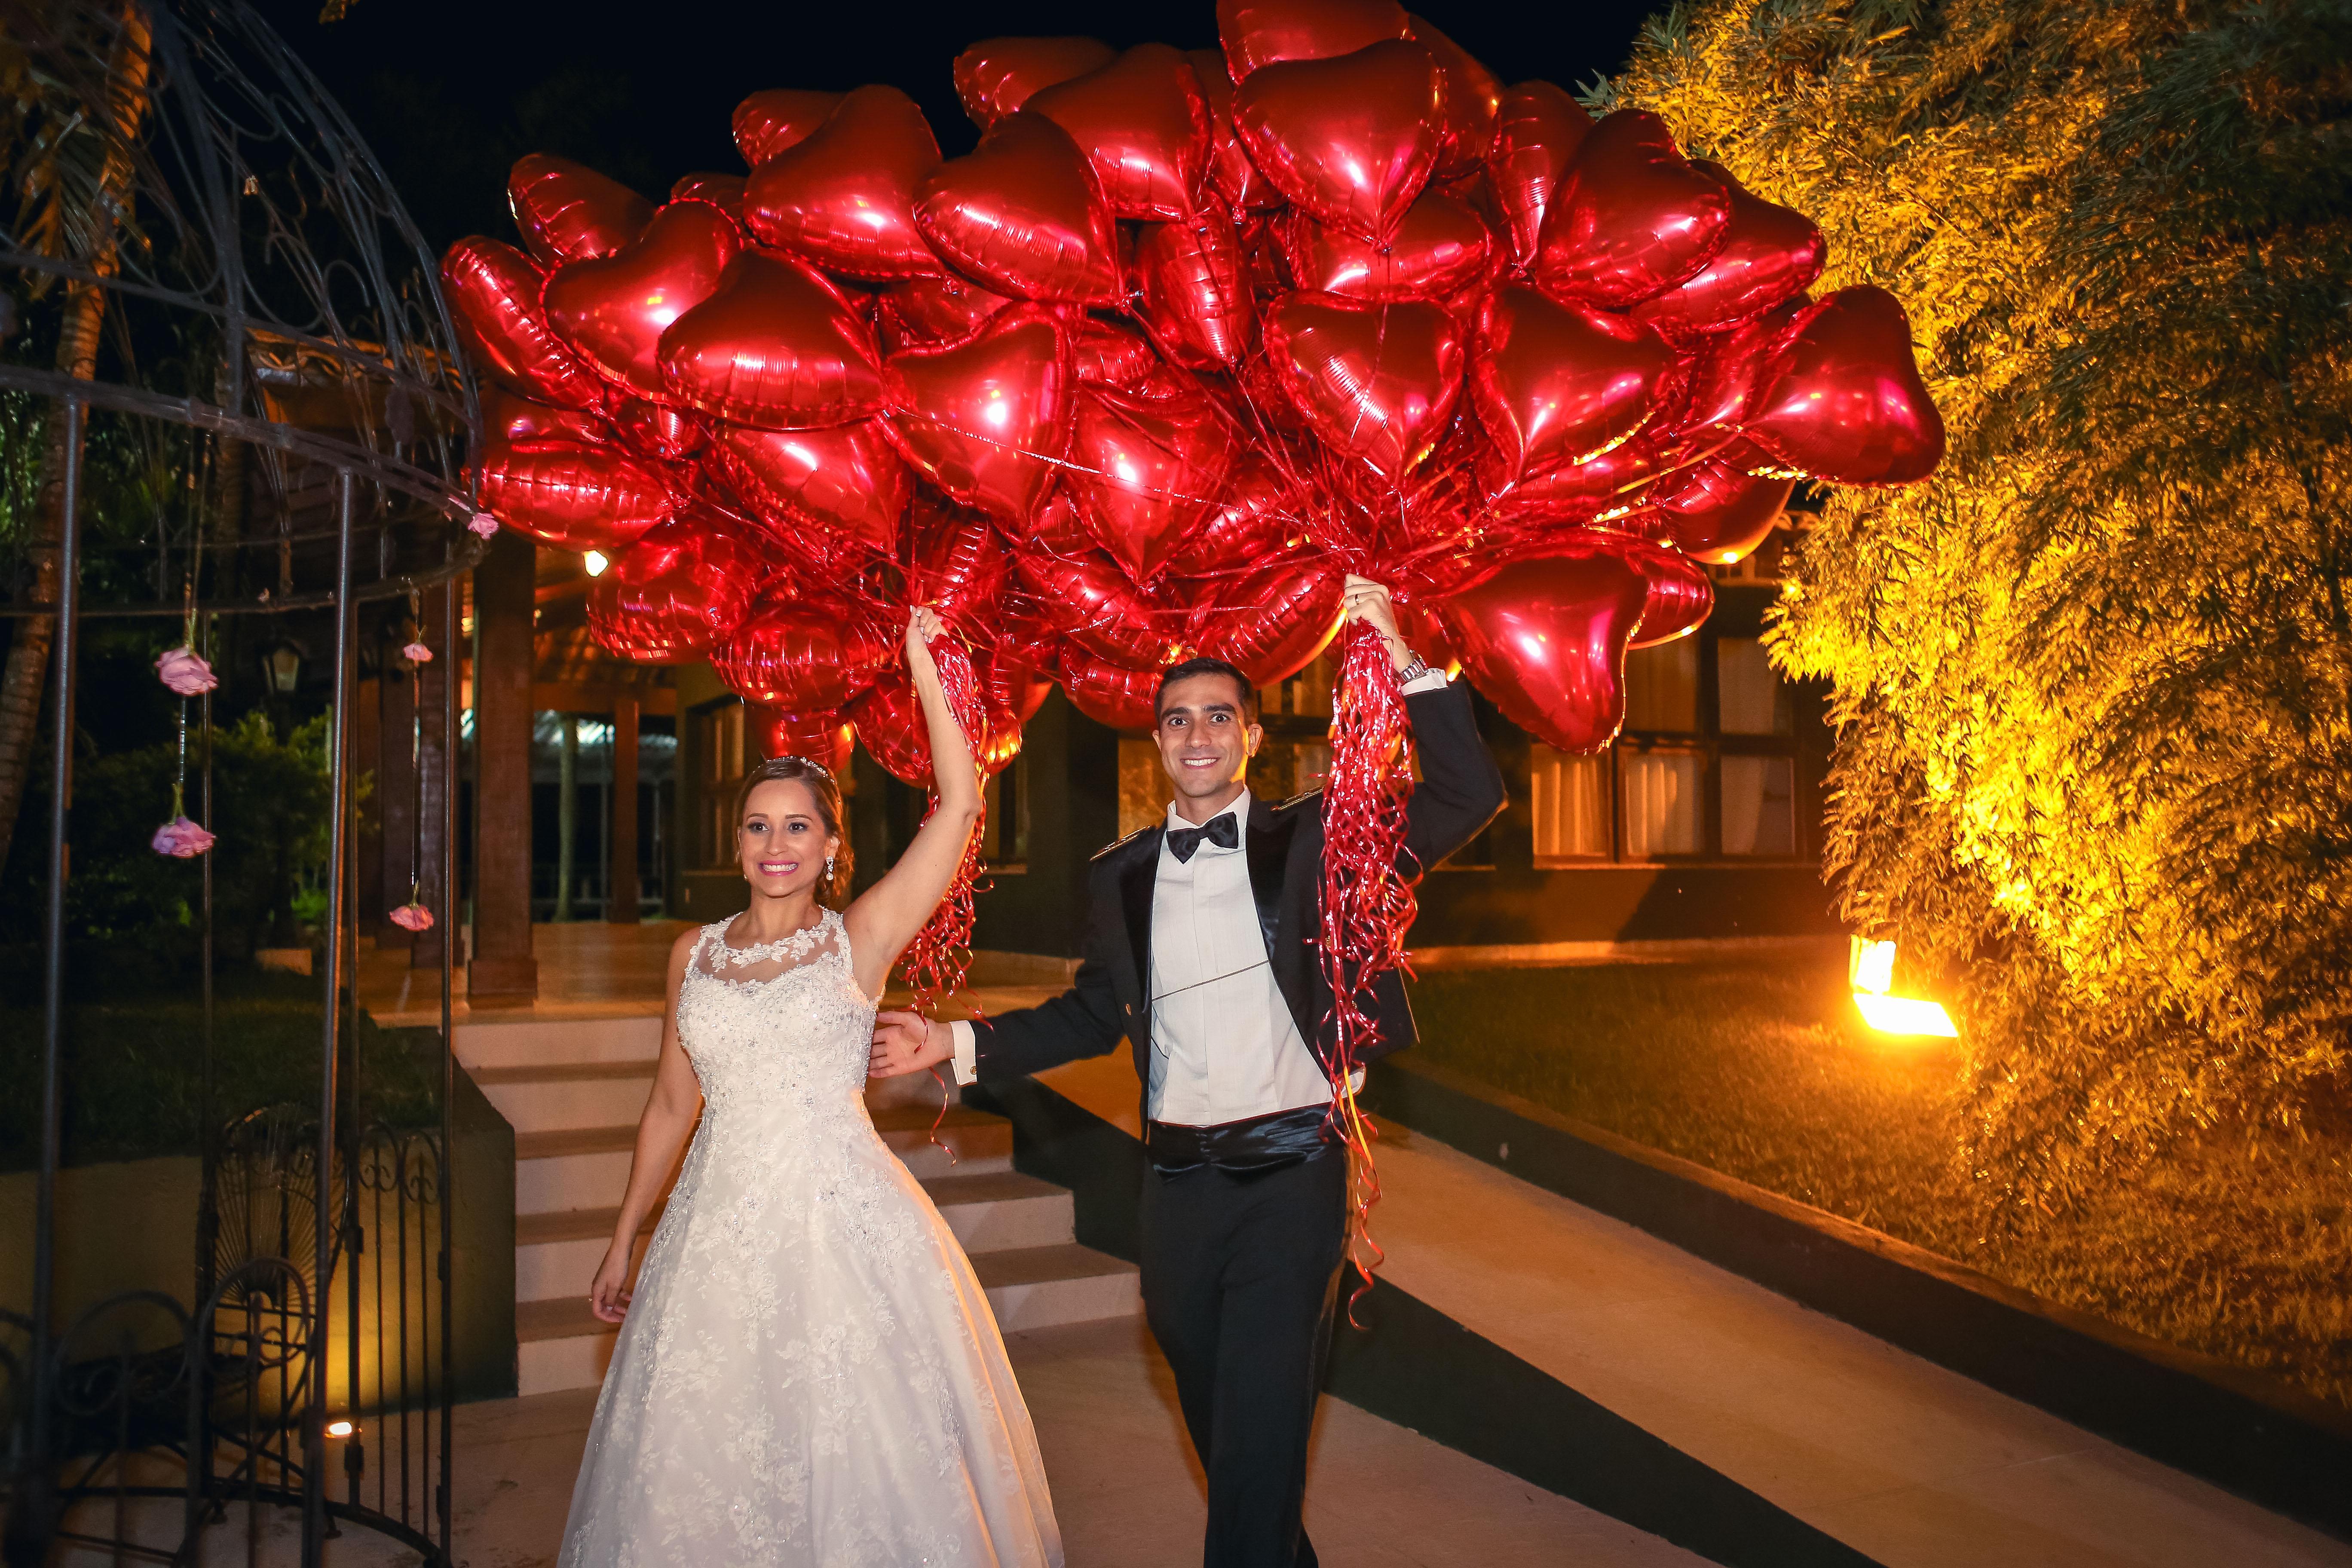 Casal com balões de corações